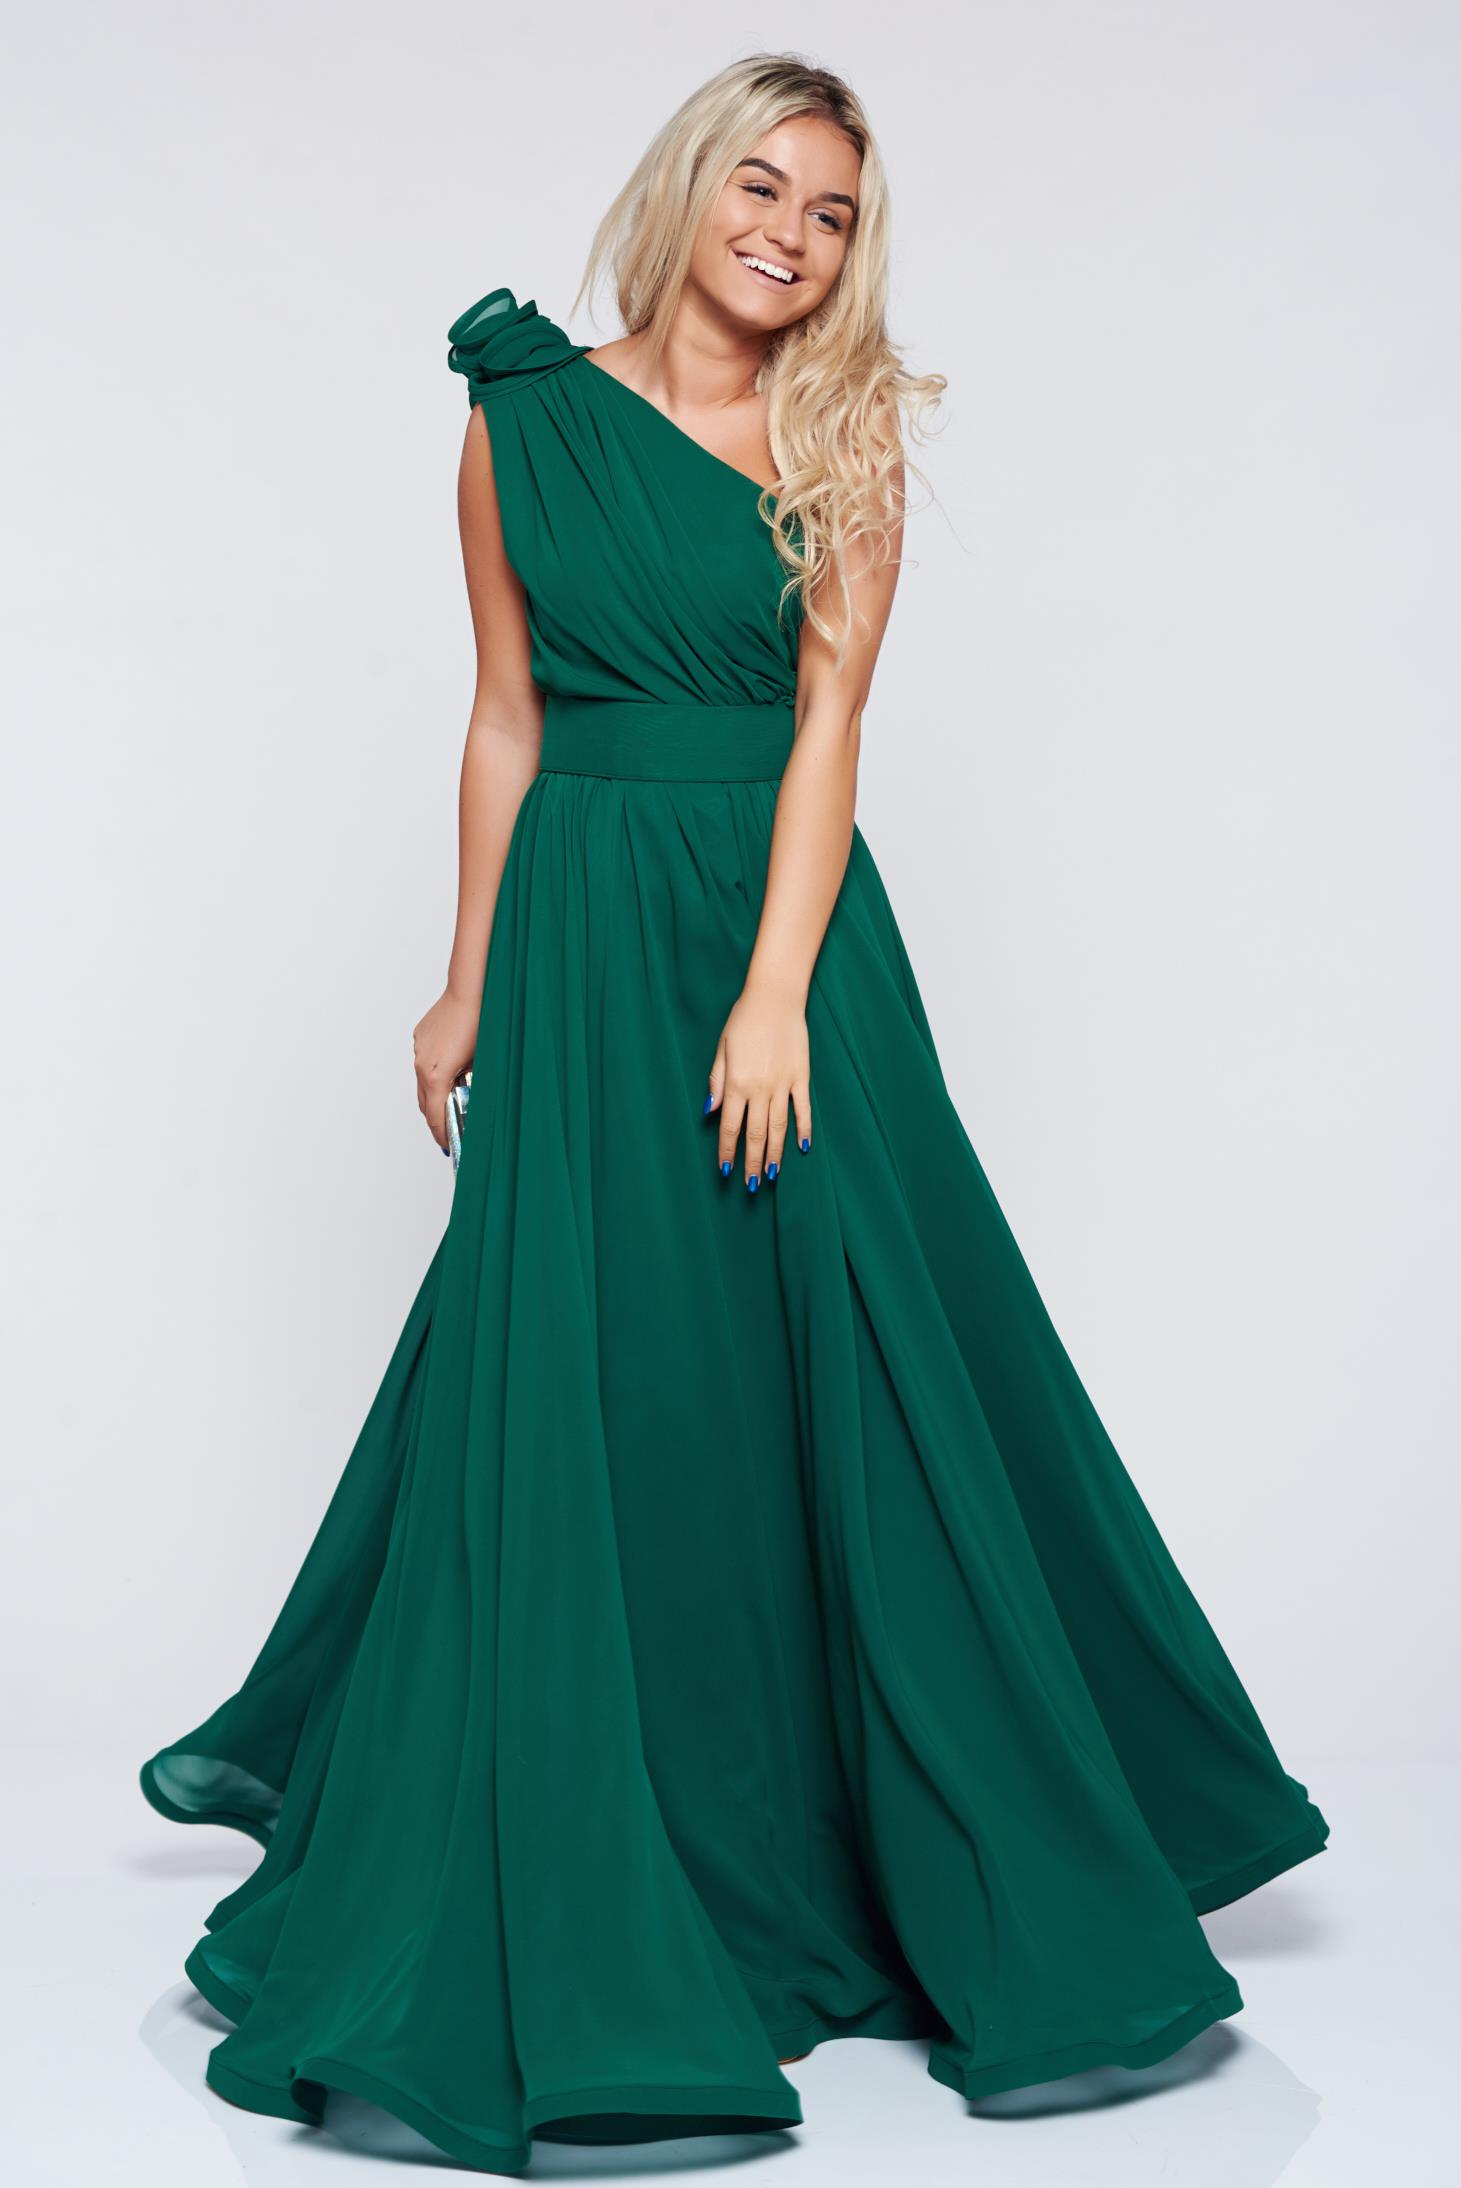 e9aaf5d7b4 Zöld Ana Radu egy vállas alkalmi ruha fátyol anyag